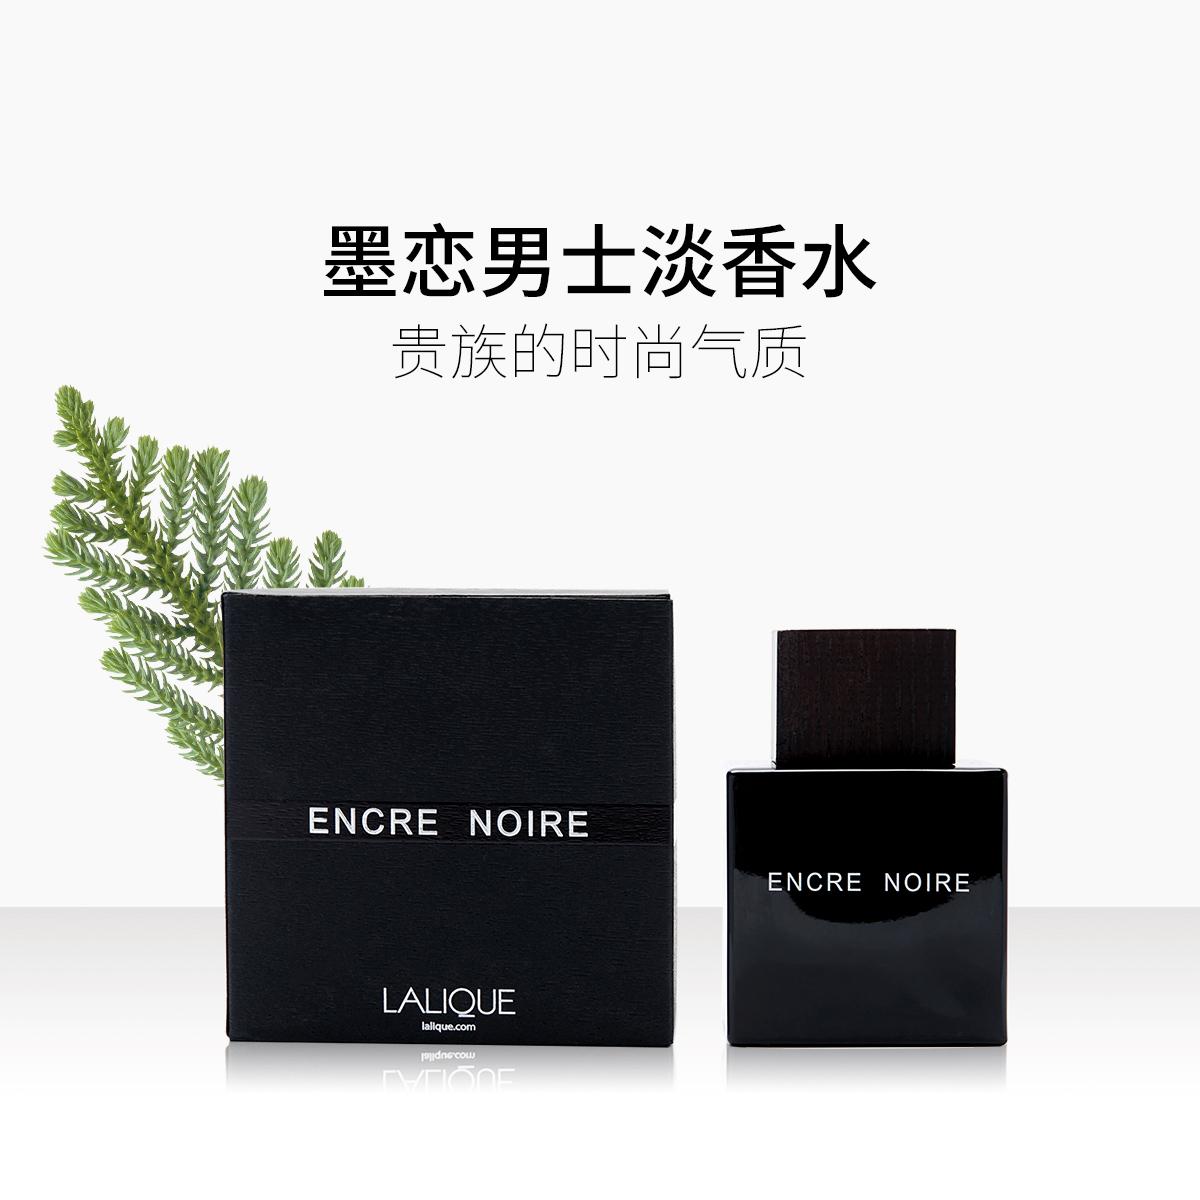 Lalique Encre Noire 莱俪 墨恋 男士淡香水EDT 100ml 男人味十足